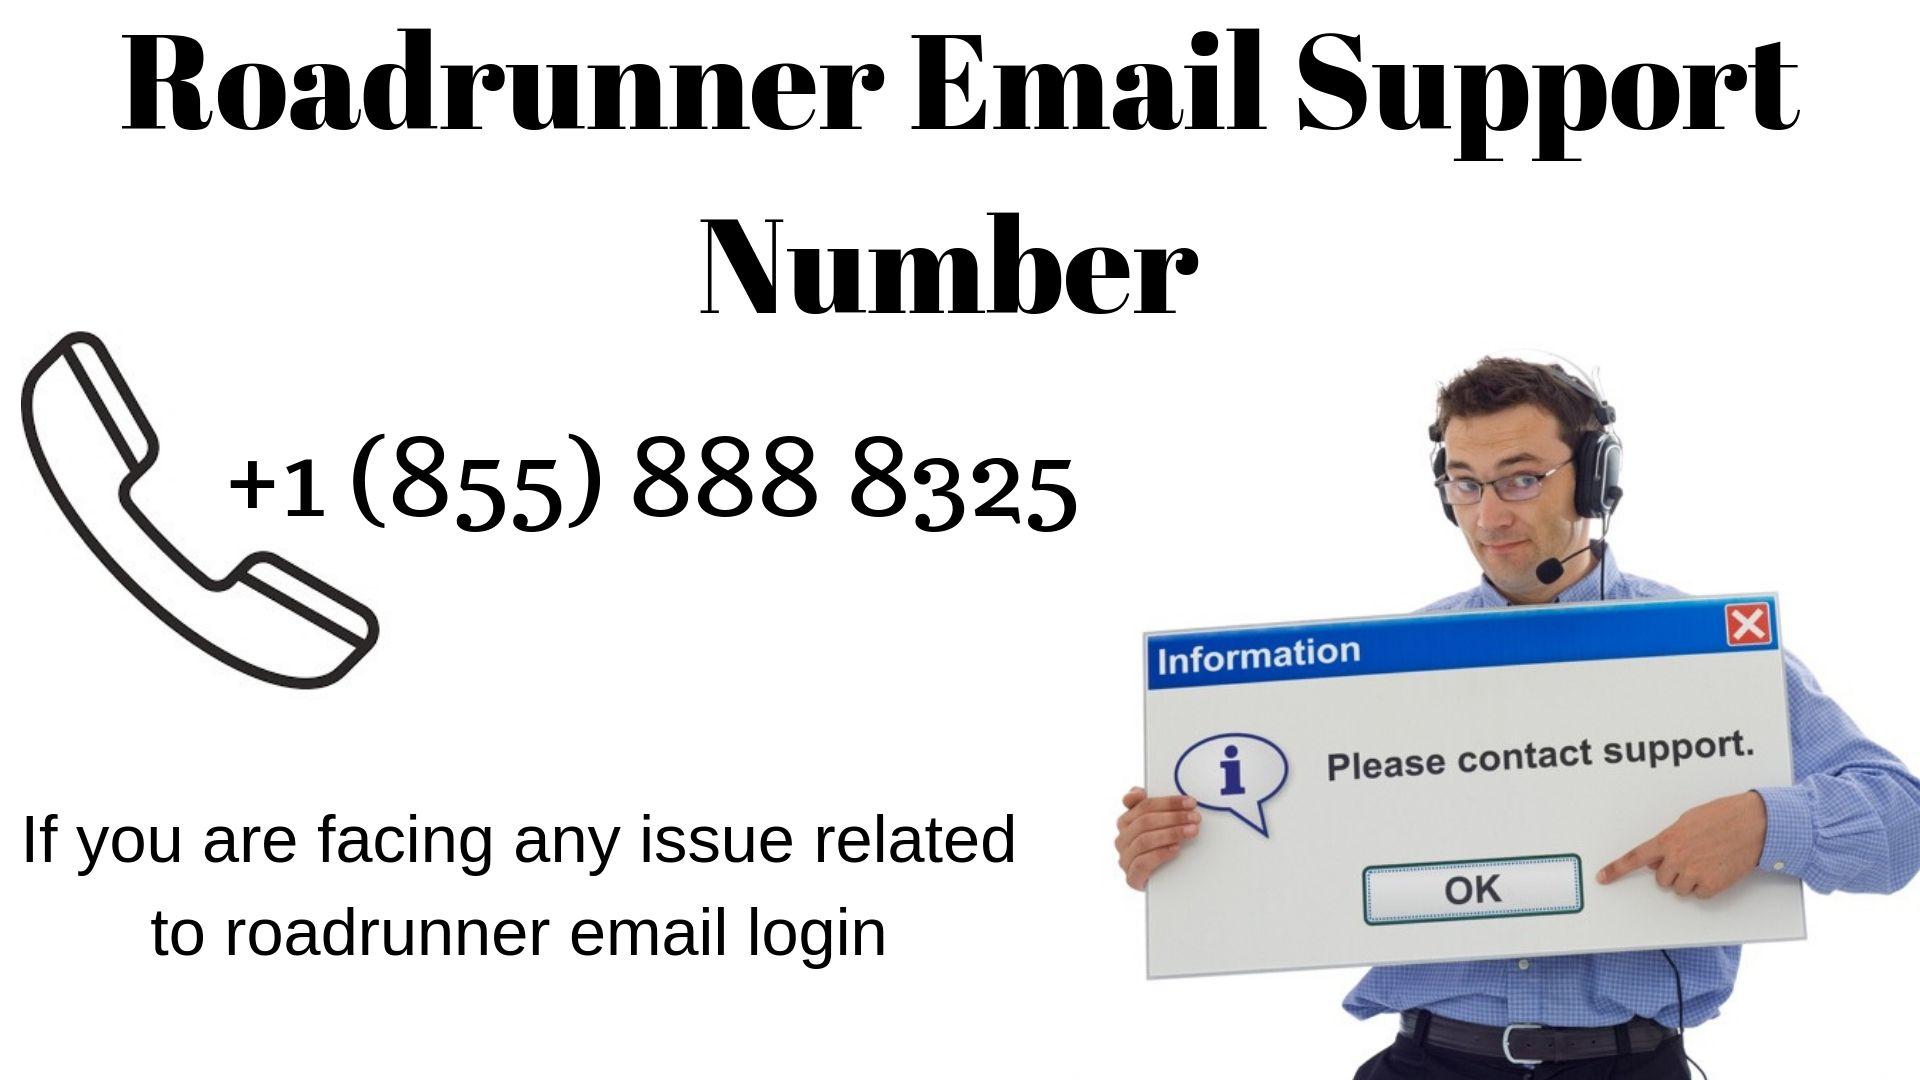 roadrunner email support number